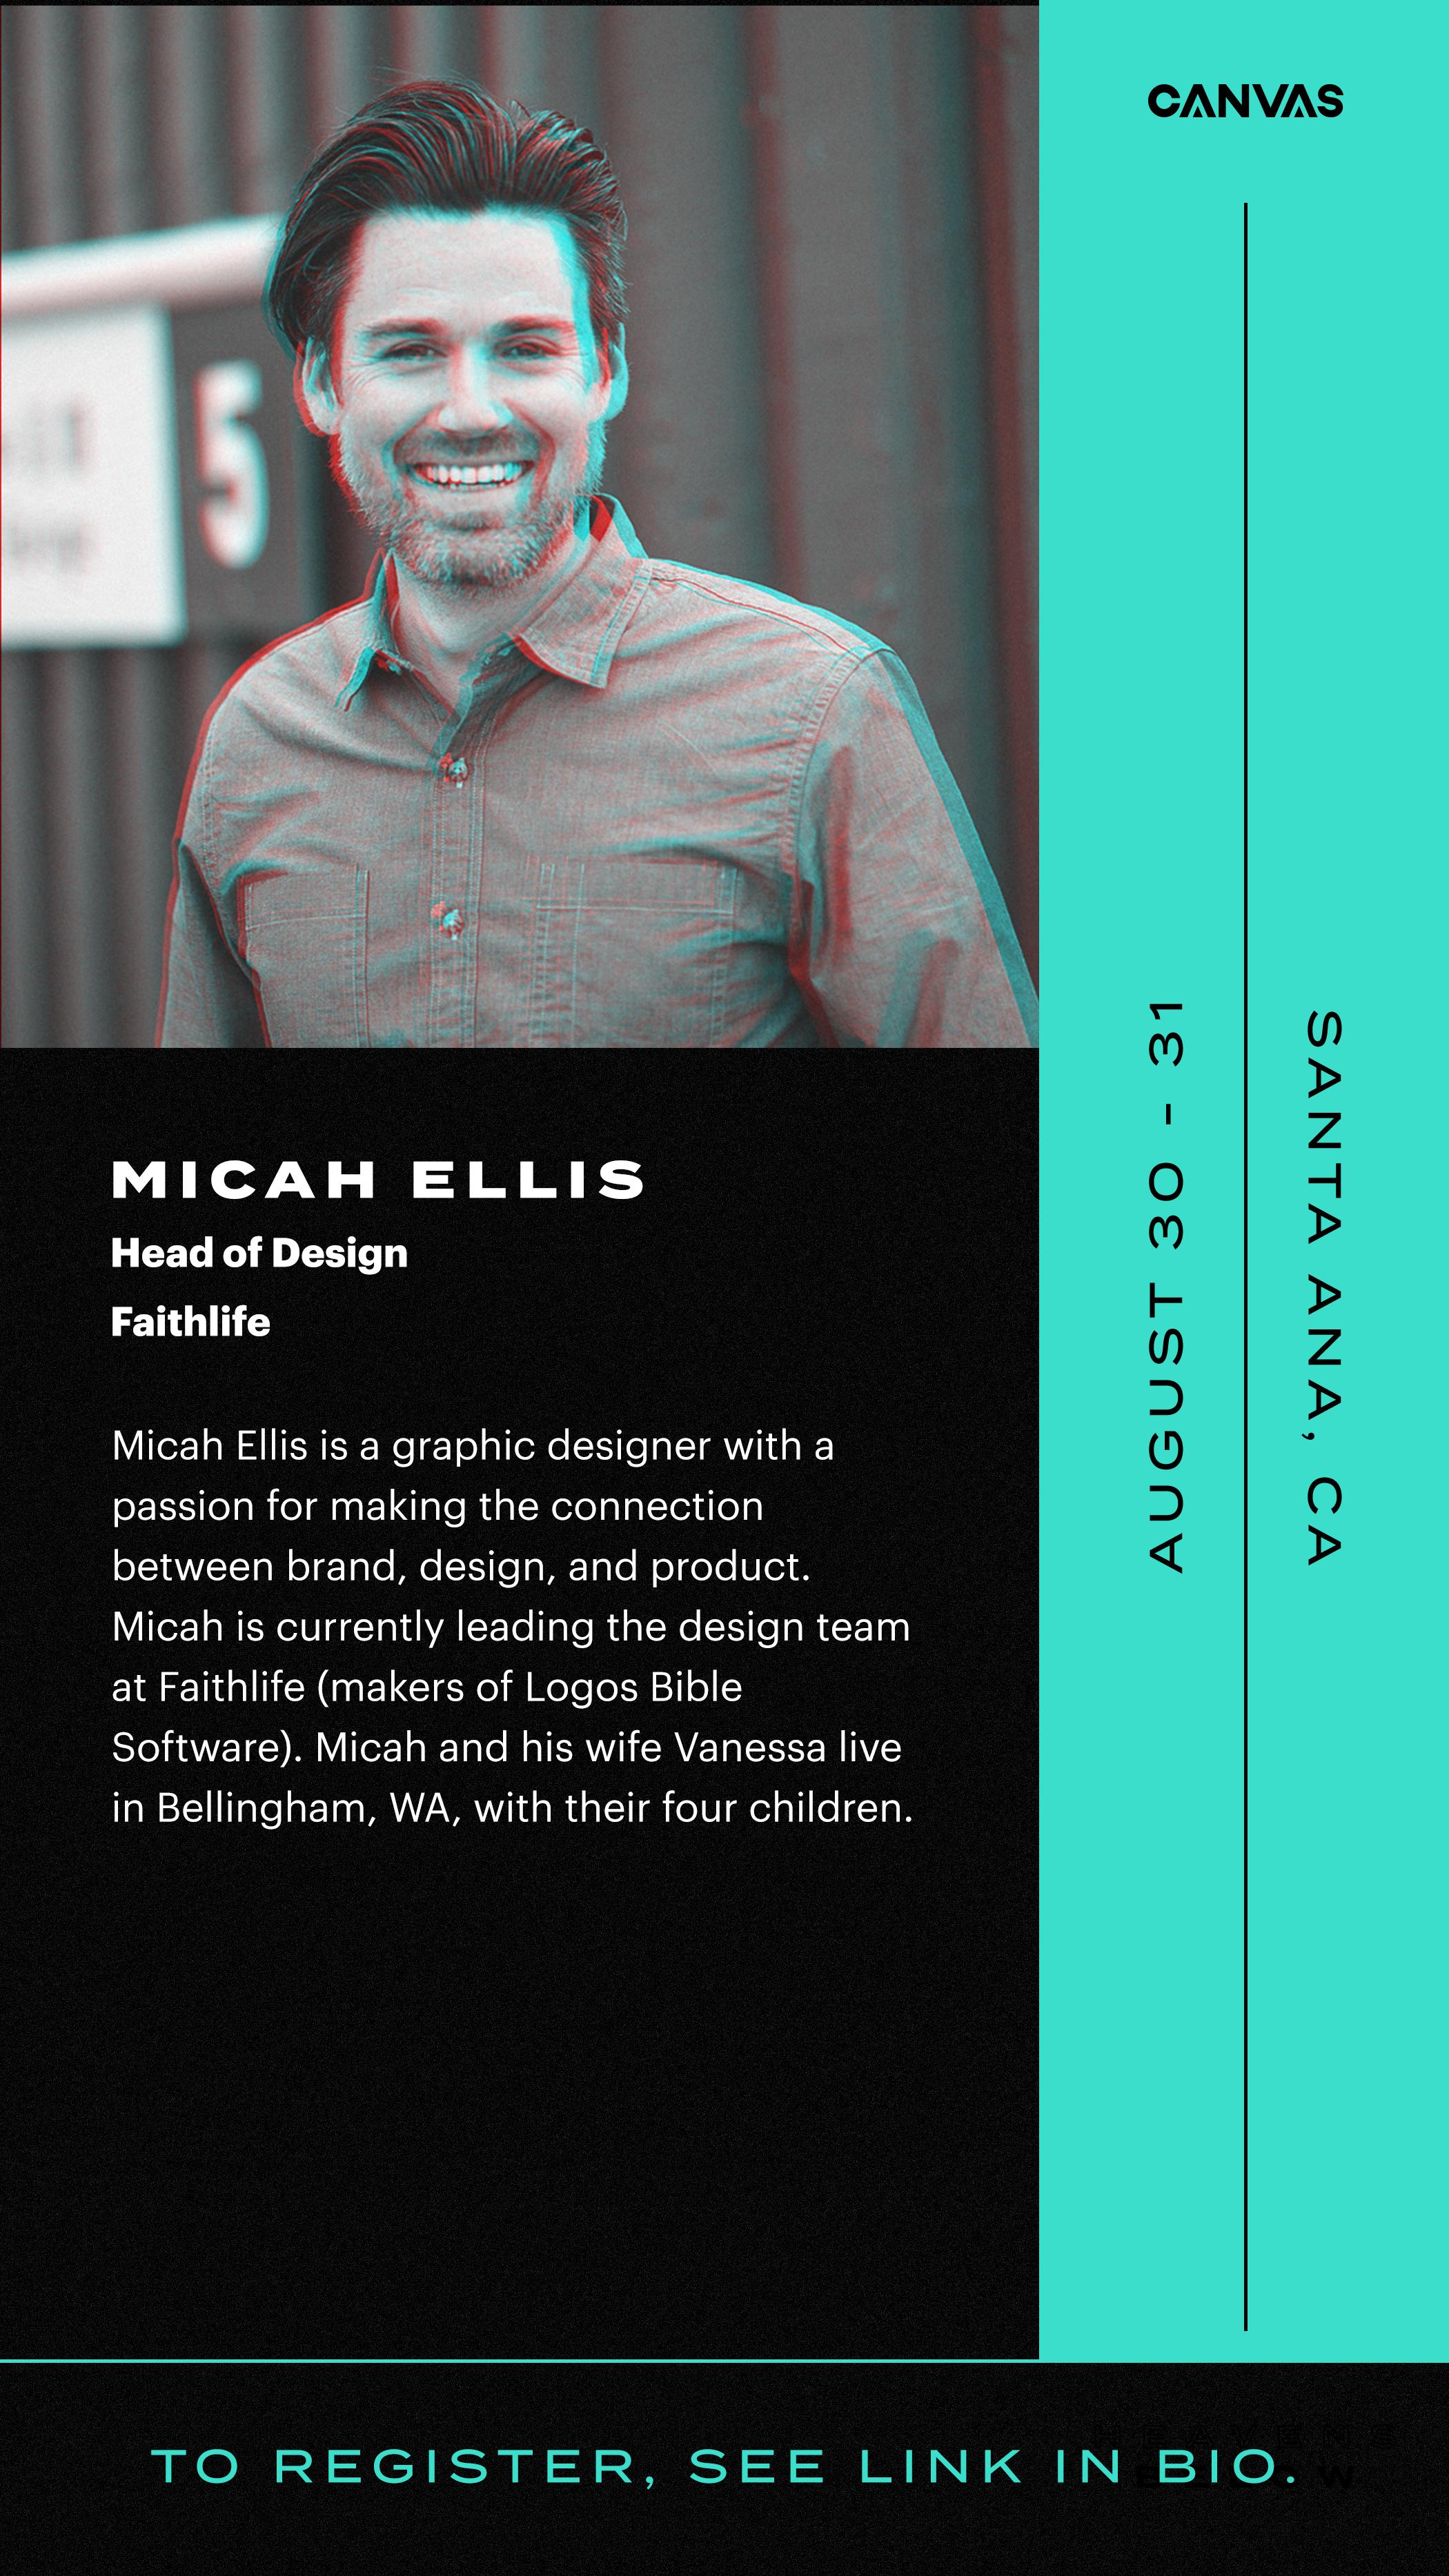 Micah-Ellis_story.jpg